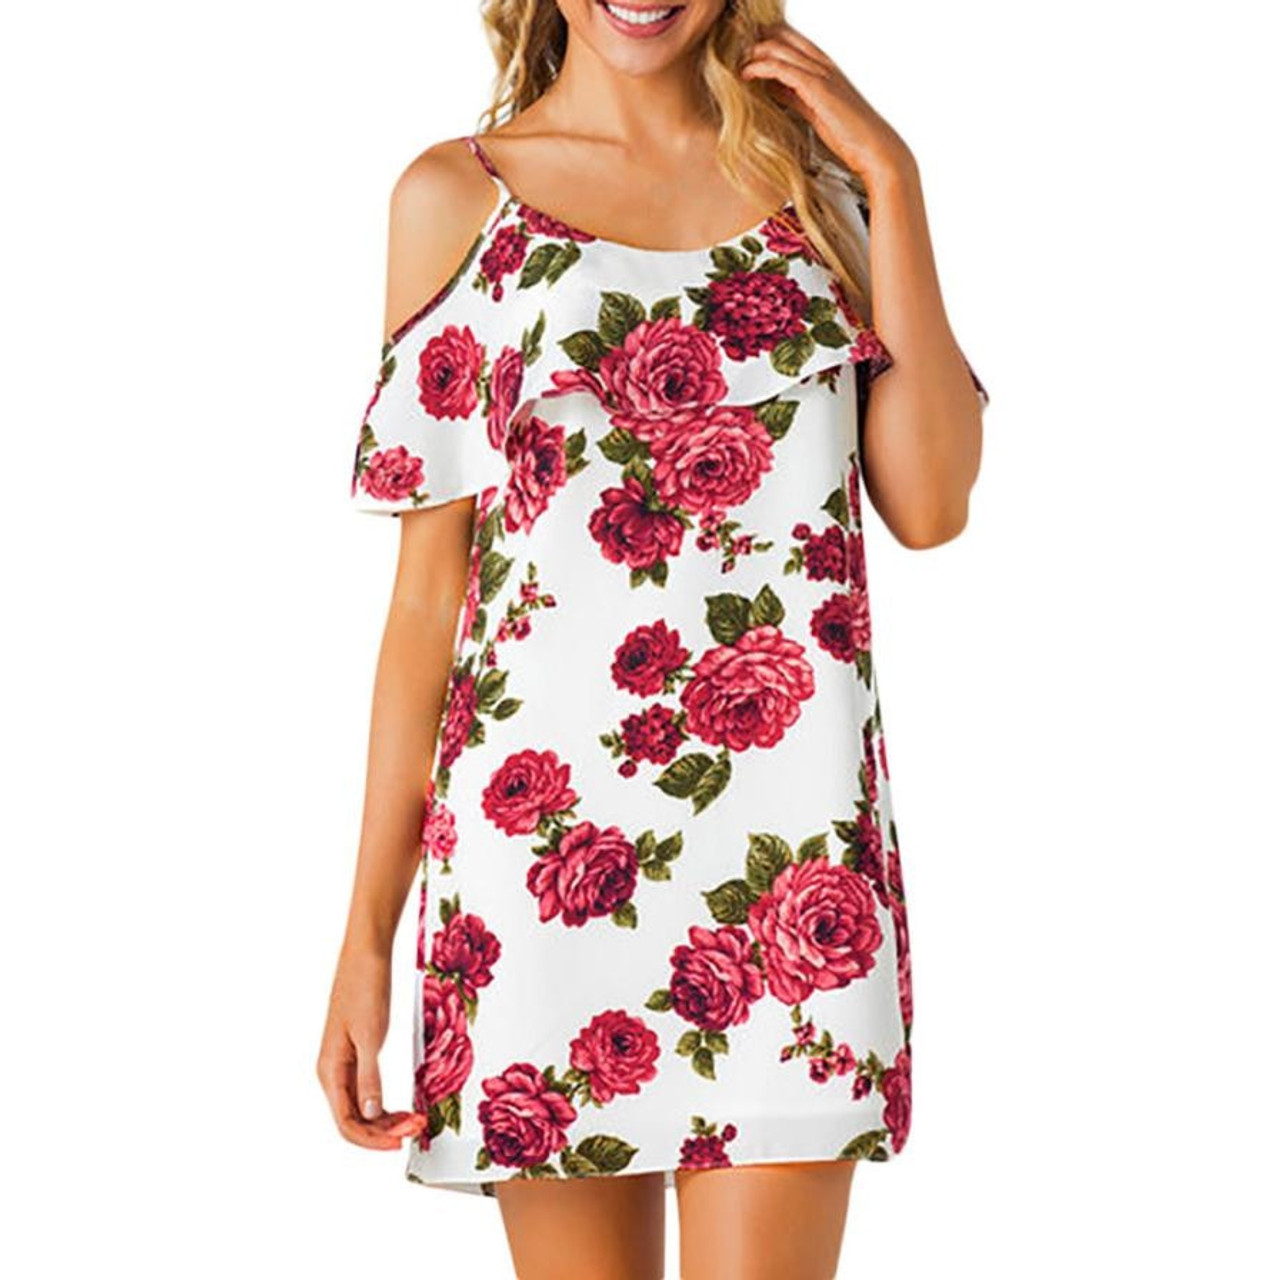 58a0ec94e8393 Short Sleeve Summer Shift Dresses - raveitsafe